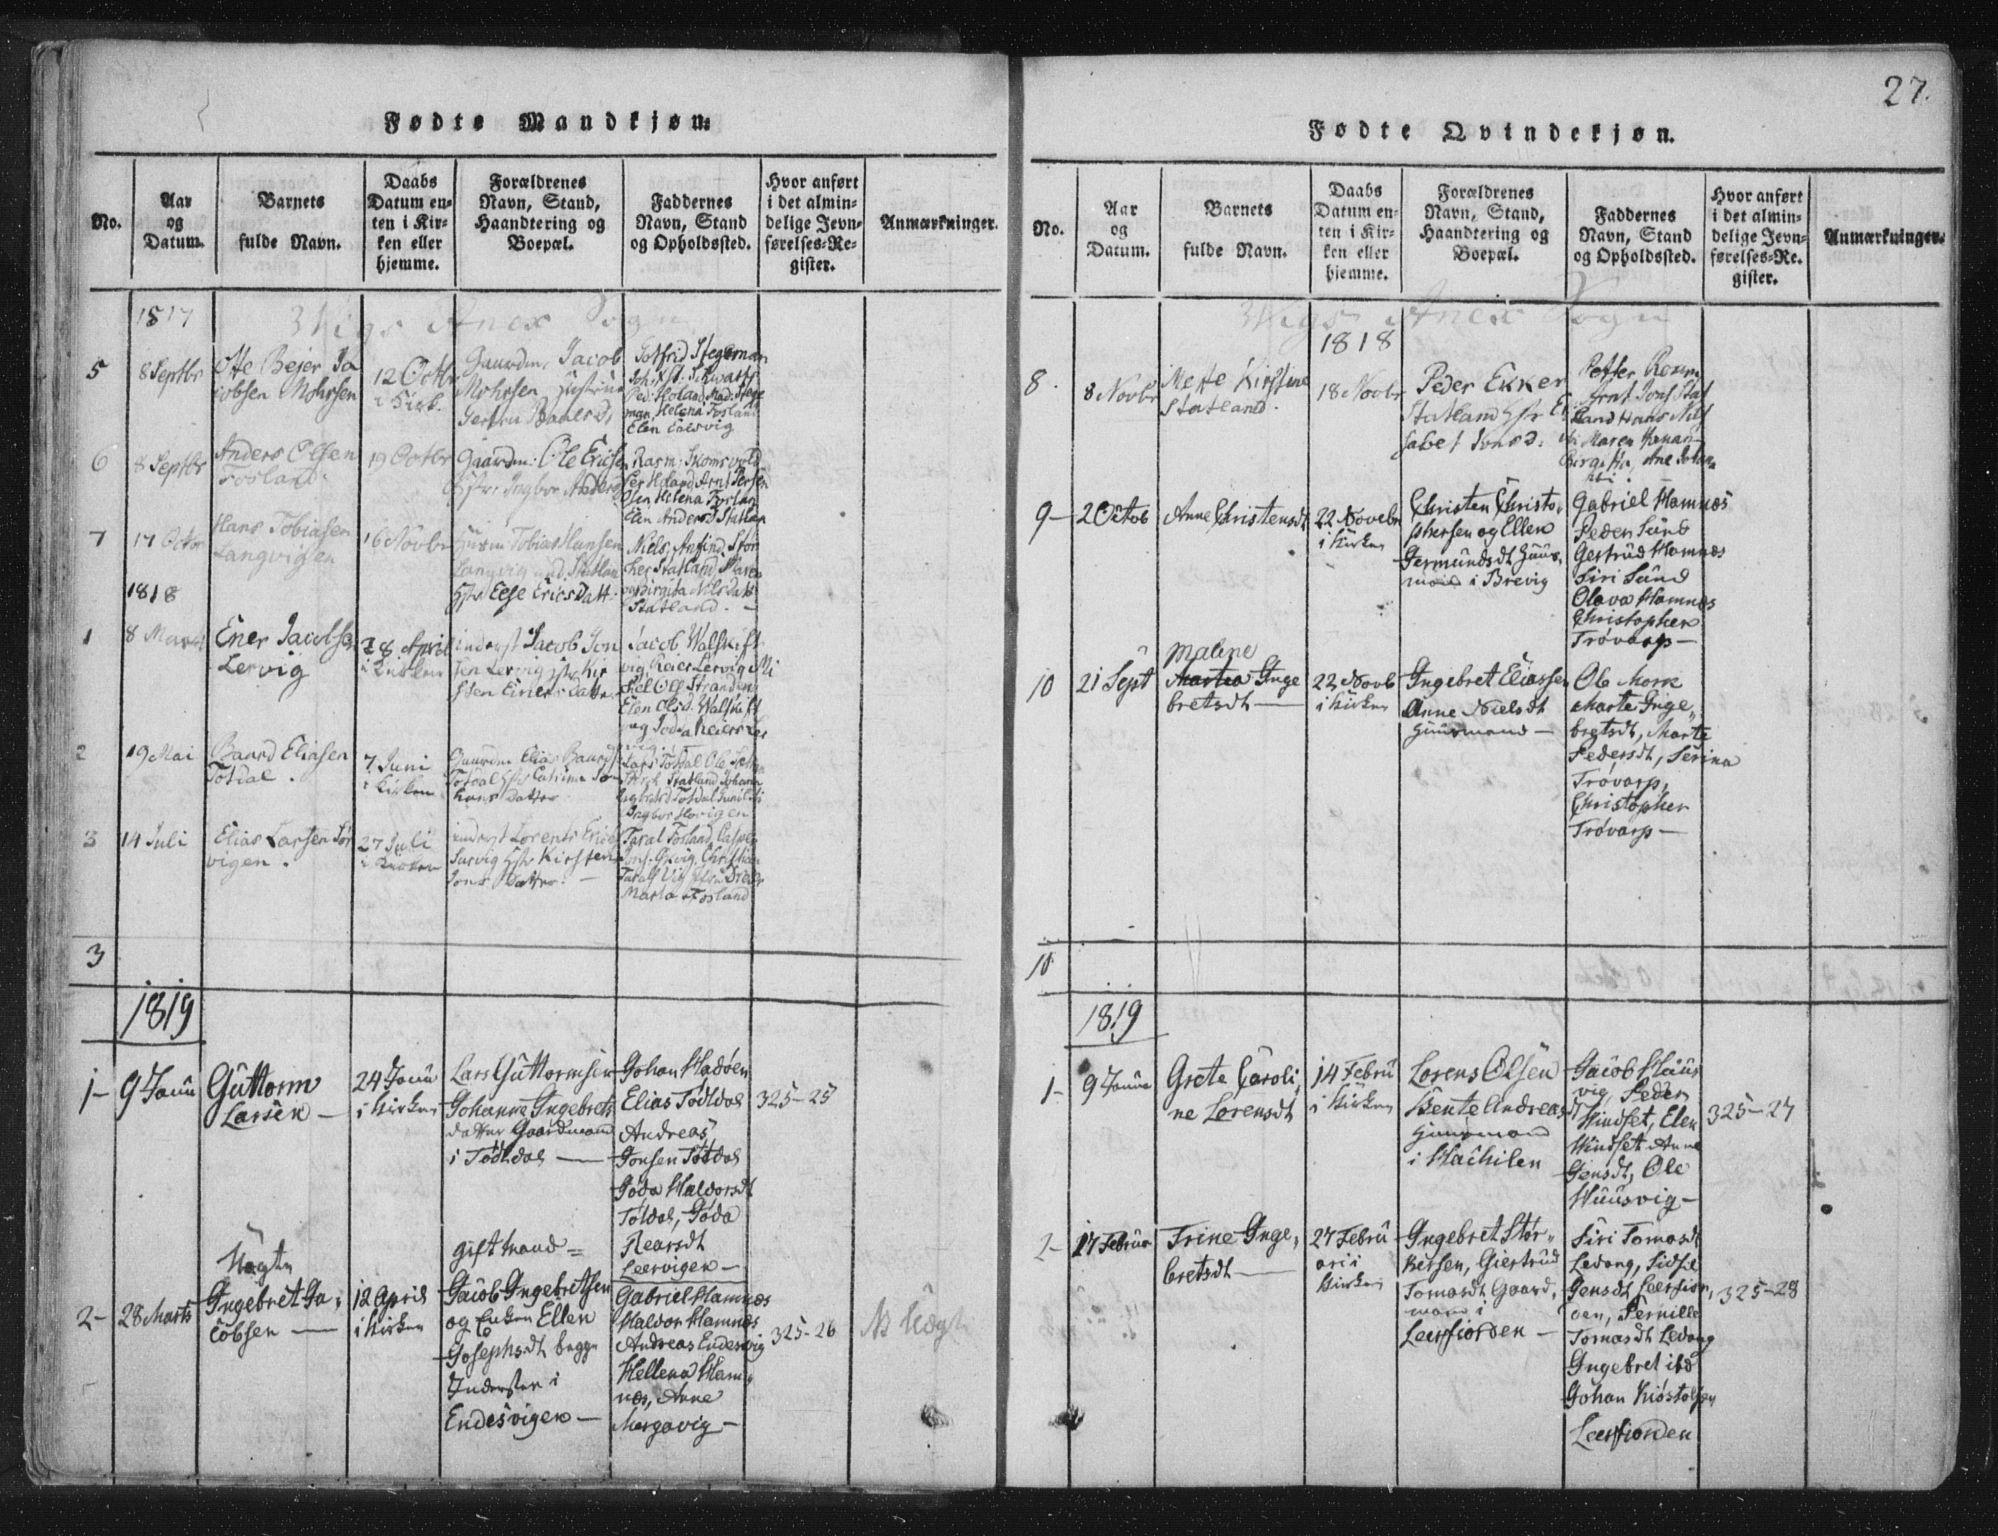 SAT, Ministerialprotokoller, klokkerbøker og fødselsregistre - Nord-Trøndelag, 773/L0609: Ministerialbok nr. 773A03 /2, 1815-1830, s. 27